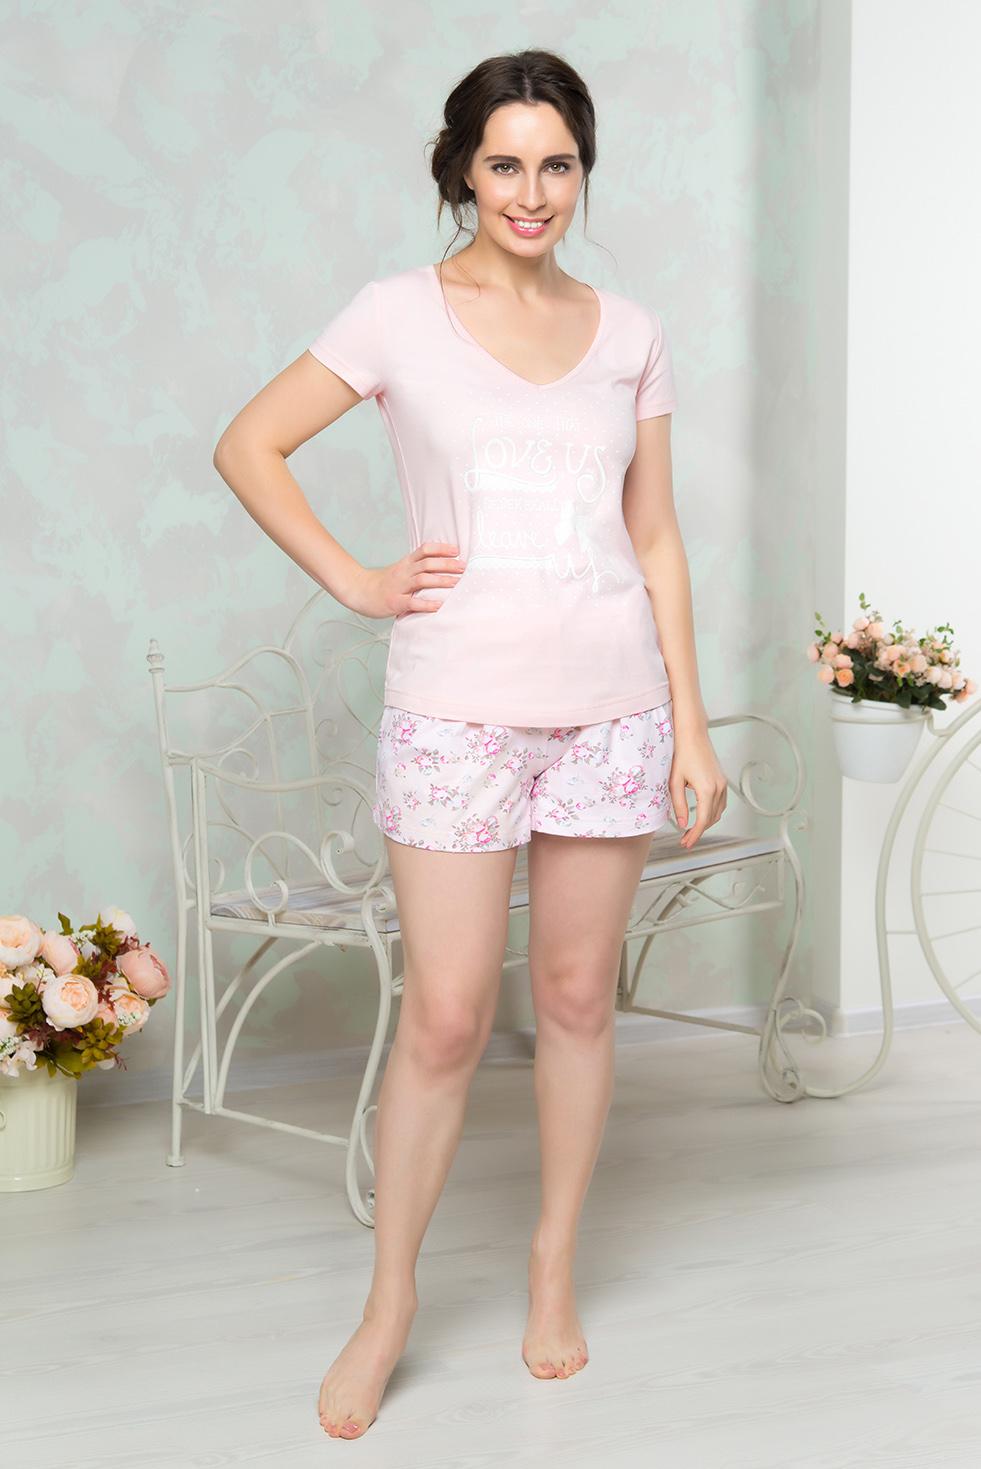 Пижама женская Mia Cara: футболка, шорты, цвет: розовый. AW16-MCUZ-845. Размер 42/44AW16-MCUZ-845Пижама женская Mia Cara состоит из футболки и шорт. Модель выполнена из высококачественного хлопка с добавлением эластана. Футболка оформлена принтом с надписями, шорты - цветочным принтом.